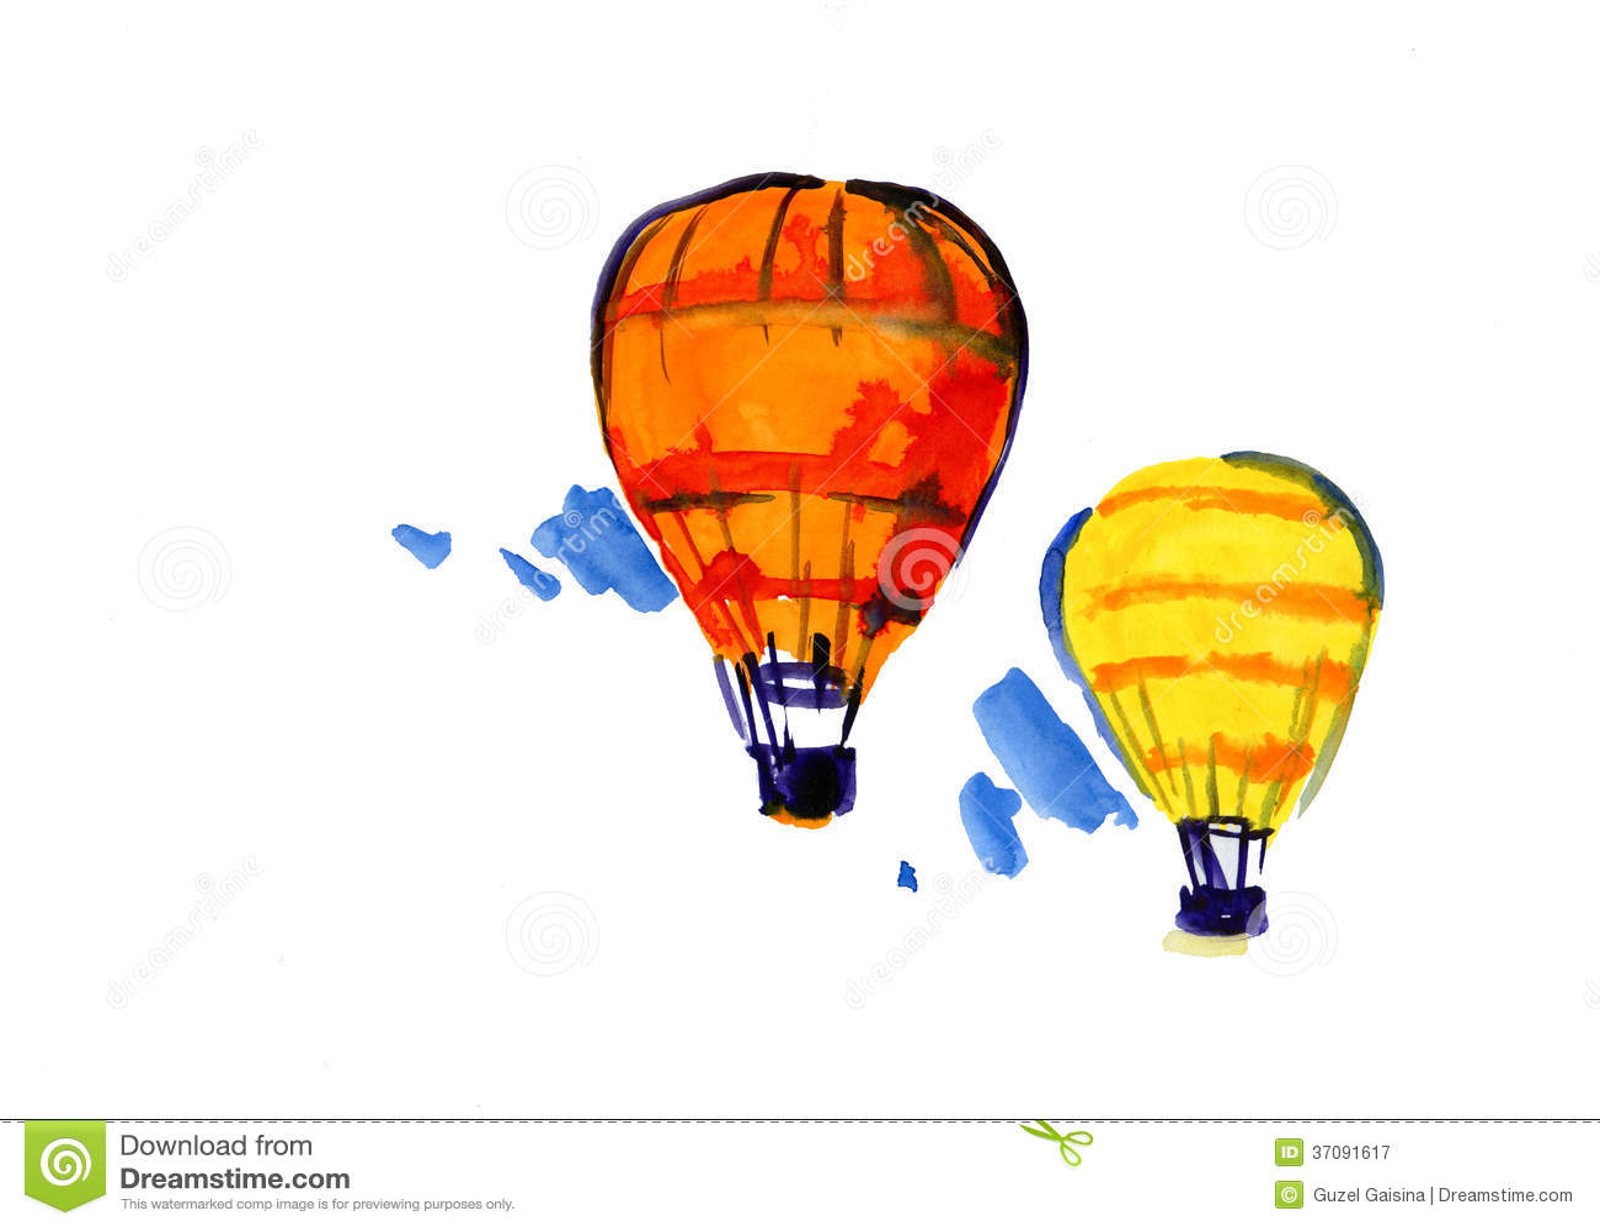 Download Aerostaty lata niebo ilustracji. Ilustracja złożonej z akwarele - 37091617